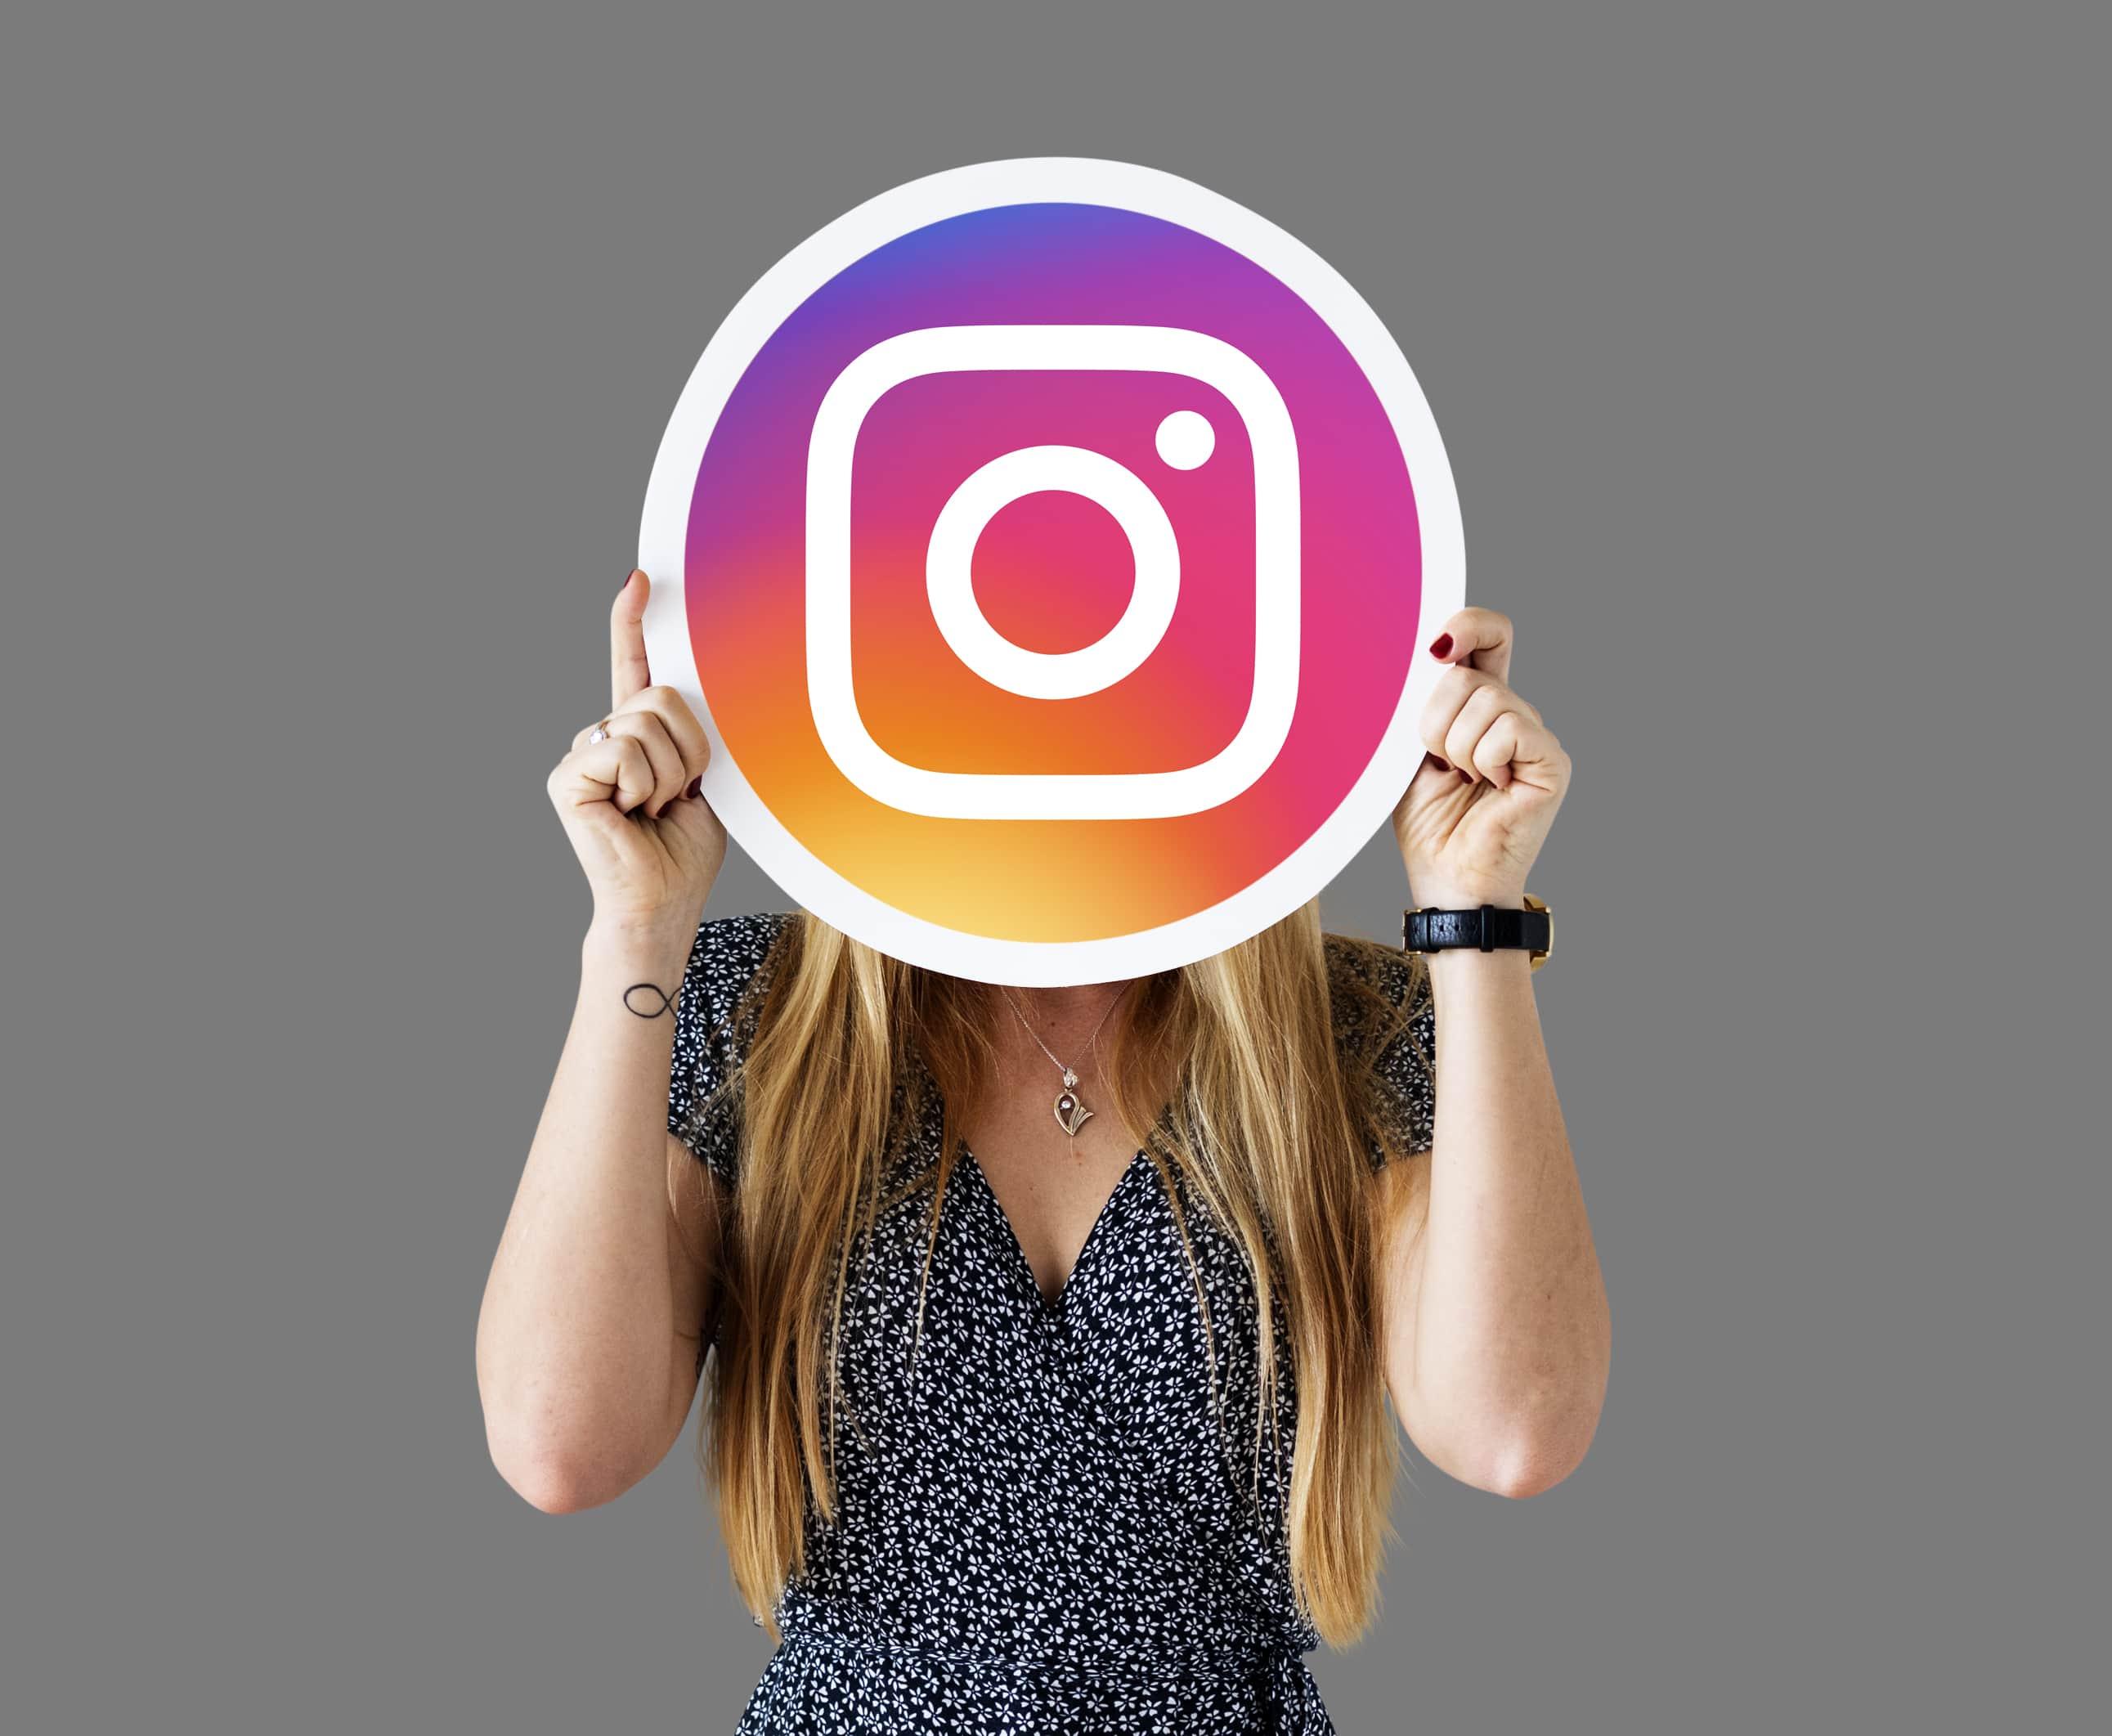 Instagram Yardım Merkezi Sayesinde Sorunlarınızı Çözme Yolları